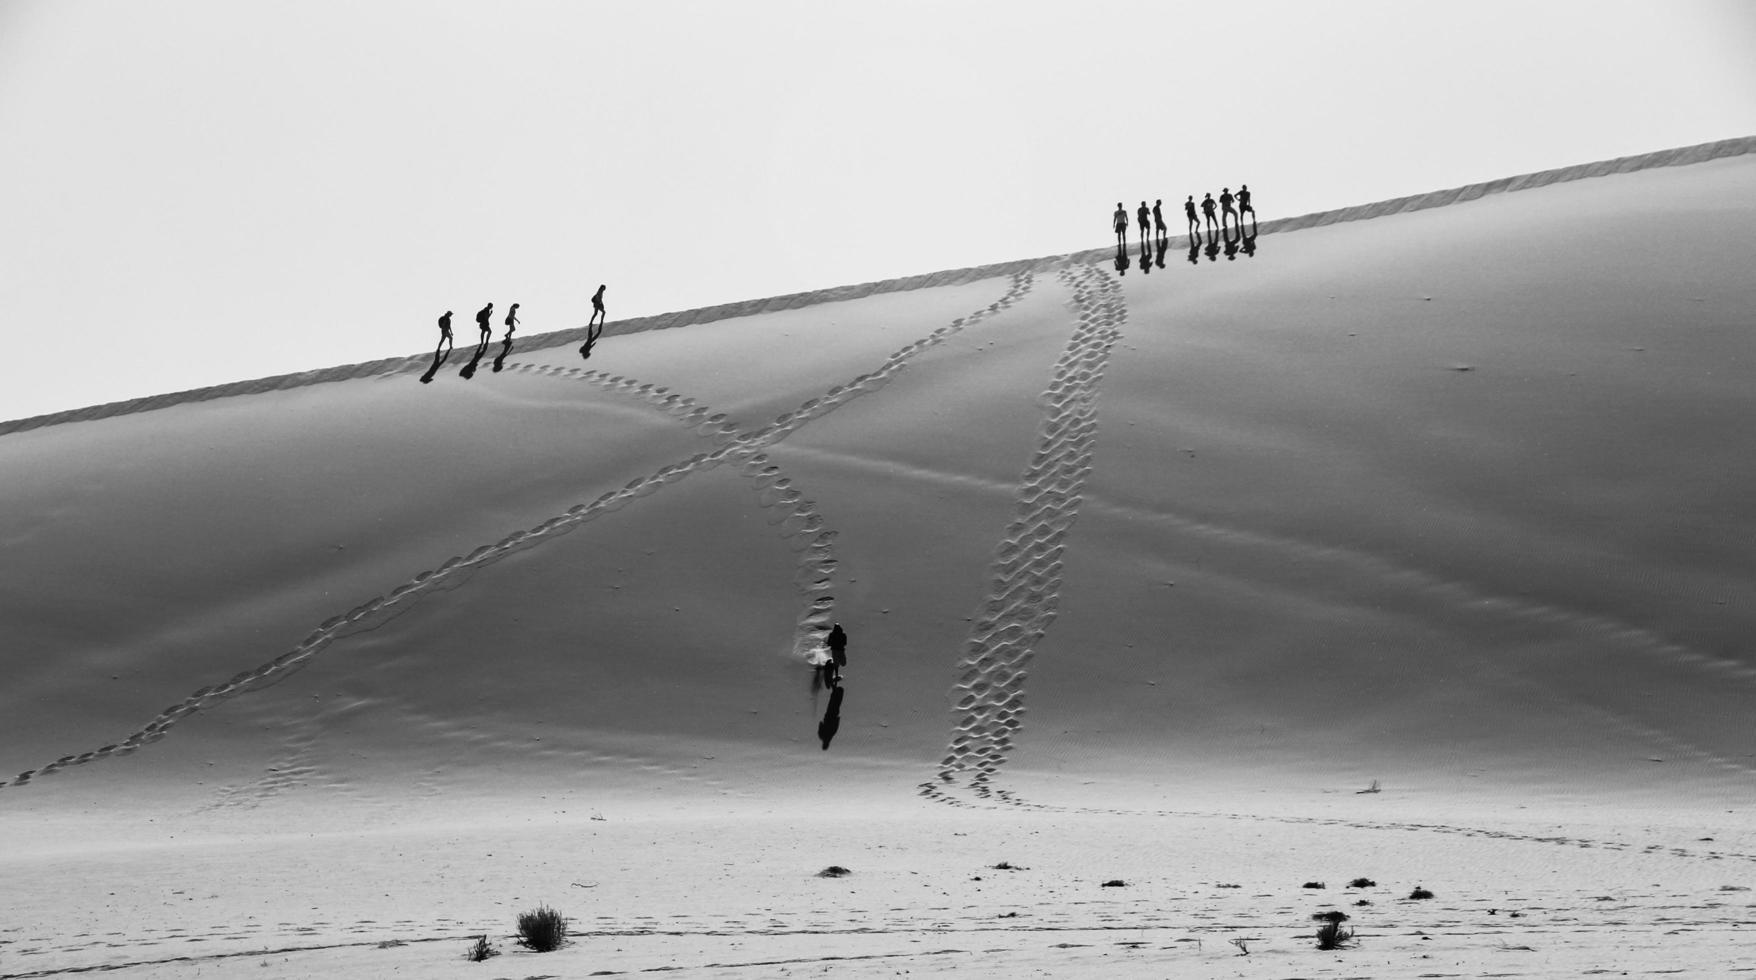 foto in scala di grigi di persone che camminano sul deserto